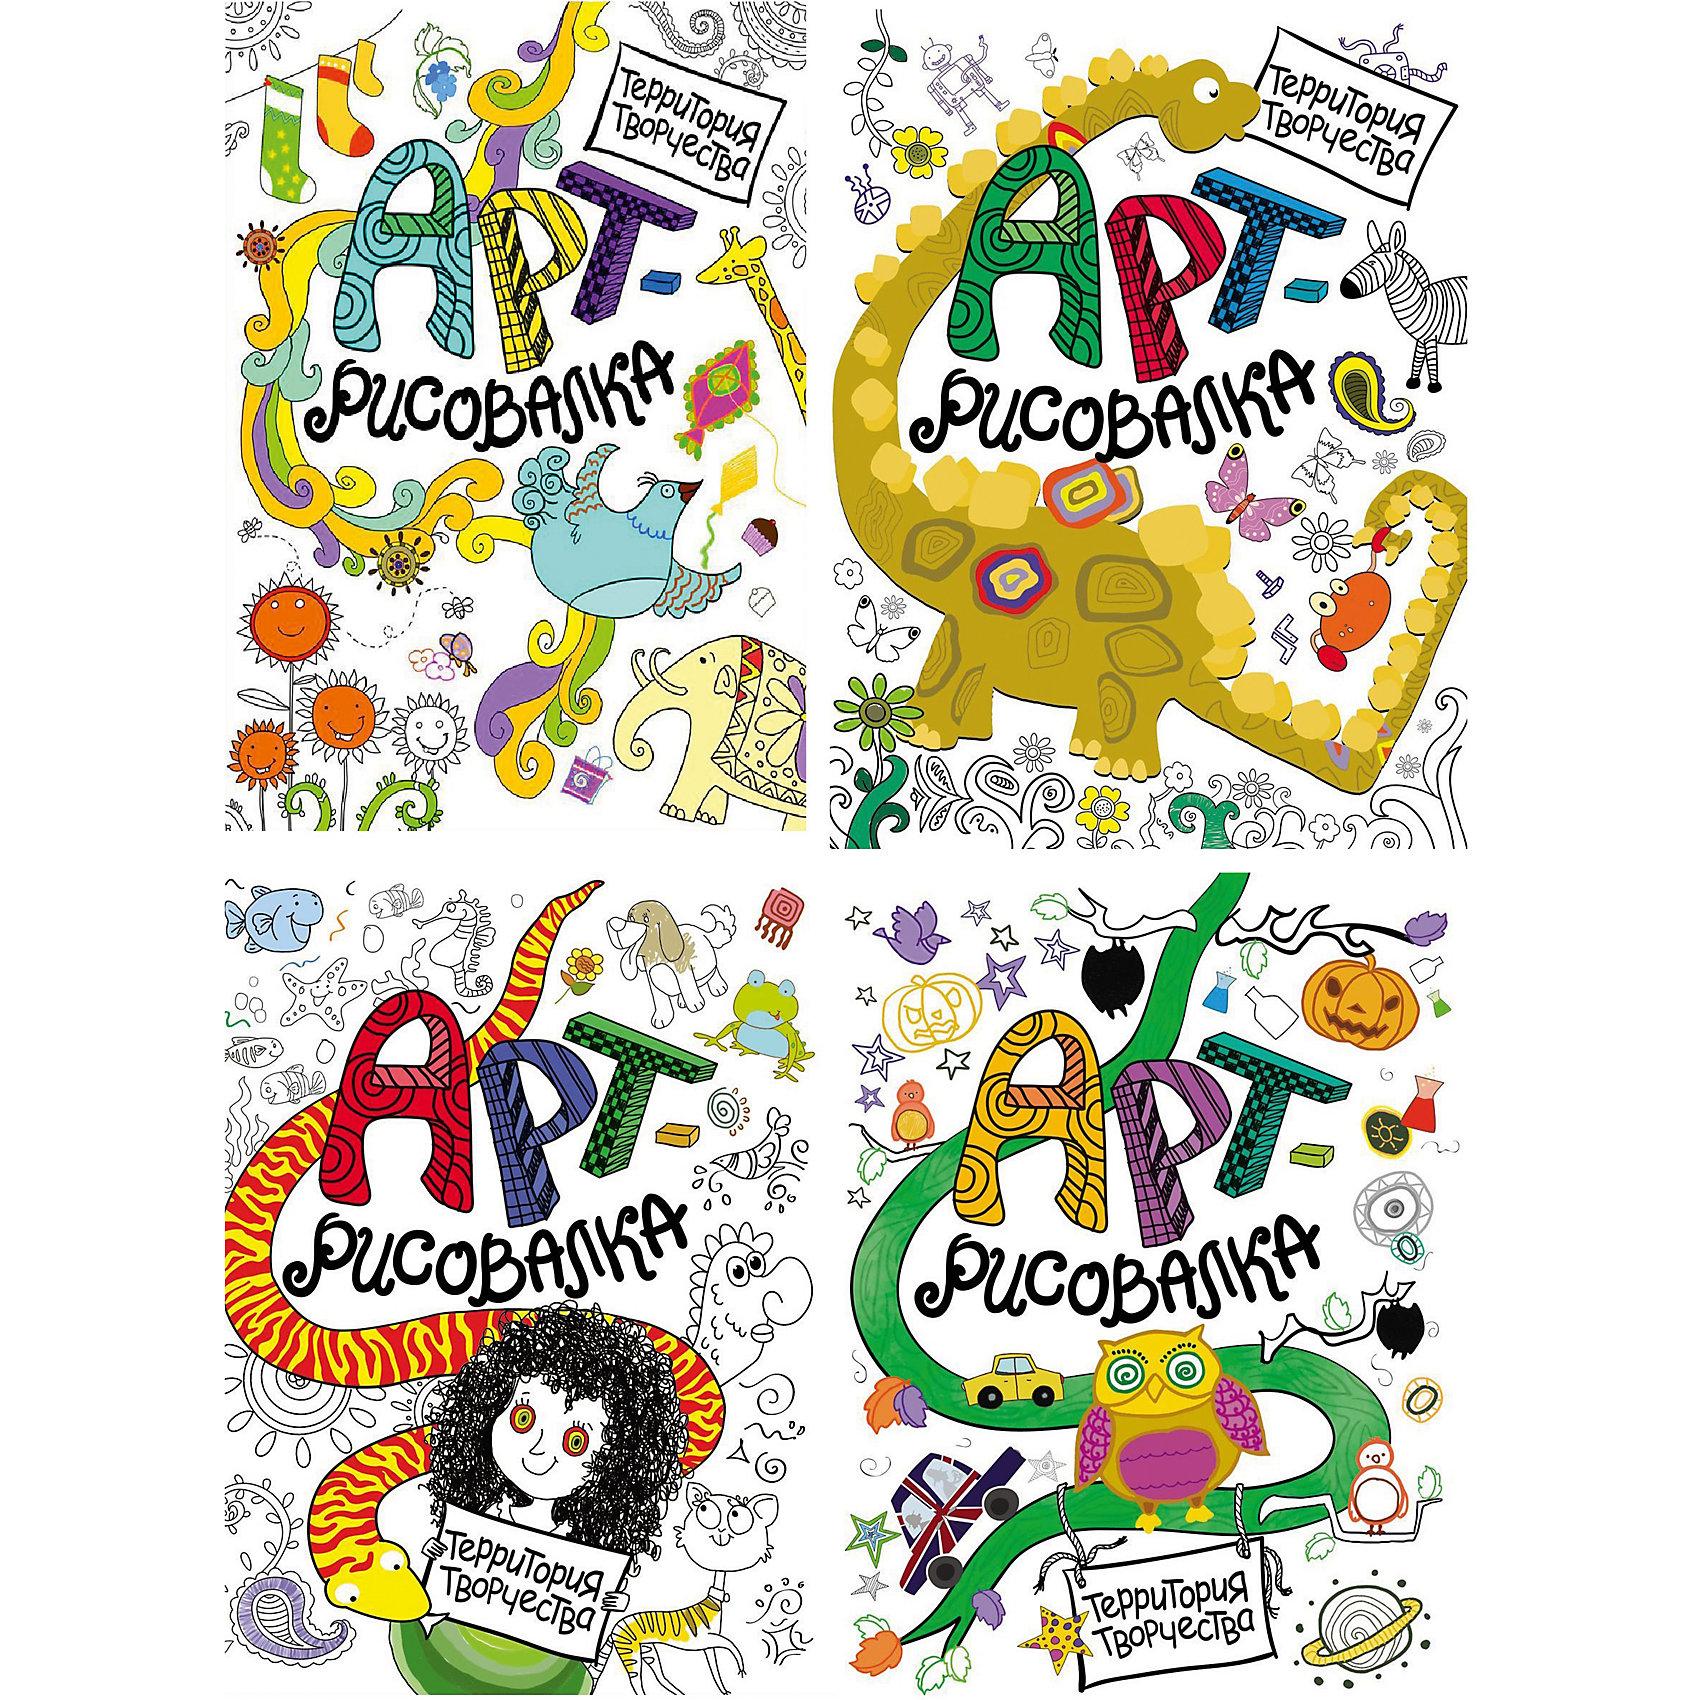 Комплект Арт-рисовалкиНеобычный и яркий комплект Арт-рисовалки - это отличное начало для большого творчества. Вместе с ней можно дать волю фантазии и творить. Все страницы абсолютно разные. На каждой из них можно найти креативные задания и невероятных героев. Цветные иллюстрации помогают глубже погрузиться в эту волшебную атмосферу. Ребенок будет в восторге от такого приключения, и вряд ли сможет оторваться от рисования.  <br><br>В комплект Арт-рисовалки входят:<br> <br>1. Арт-рисовалка. Птица счастья <br>2. Арт-рисовалка. Дино <br>3. Арт-рисовалка. Кудря <br>4. Арт-рисовалка. Сова<br><br> Дополнительная информация:<br><br>- возраст: любой возраст<br>- пол: для мальчиков и девочек<br>- материал: бумага.<br>- количество страниц: 16.<br>- иллюстрации: цветные.<br>- тип обложки: мягкий.<br>- размеры: 27.5 * 21.2 см.<br>- бренд: Росмэн<br>- страна бренда: Россия<br>- страна производитель: Россия<br><br>Комплект Арт-рисовалки можно купить в нашем интернет-магазине<br><br>Ширина мм: 275<br>Глубина мм: 210<br>Высота мм: 7<br>Вес г: 290<br>Возраст от месяцев: 24<br>Возраст до месяцев: 72<br>Пол: Унисекс<br>Возраст: Детский<br>SKU: 4993497